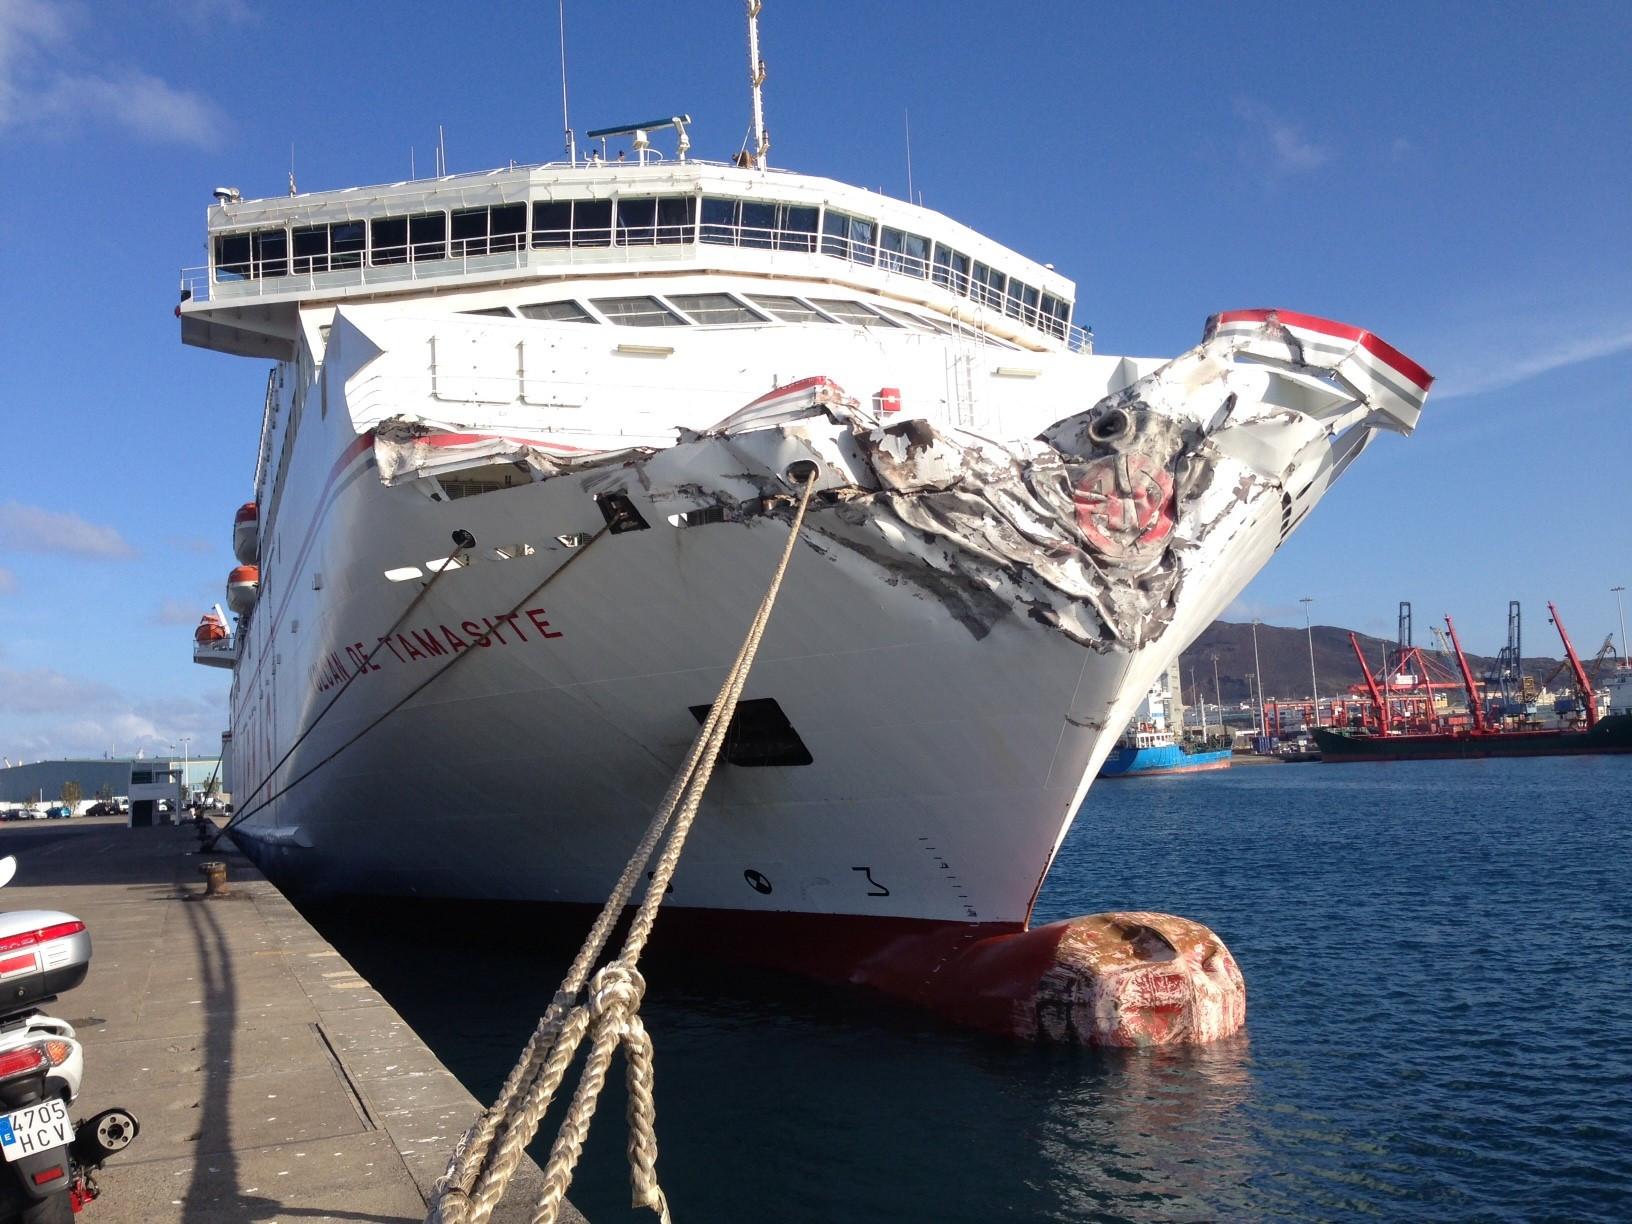 Naviera armas due a del ferry accidentado en las palmas for Horario oficina naviera armas las palmas